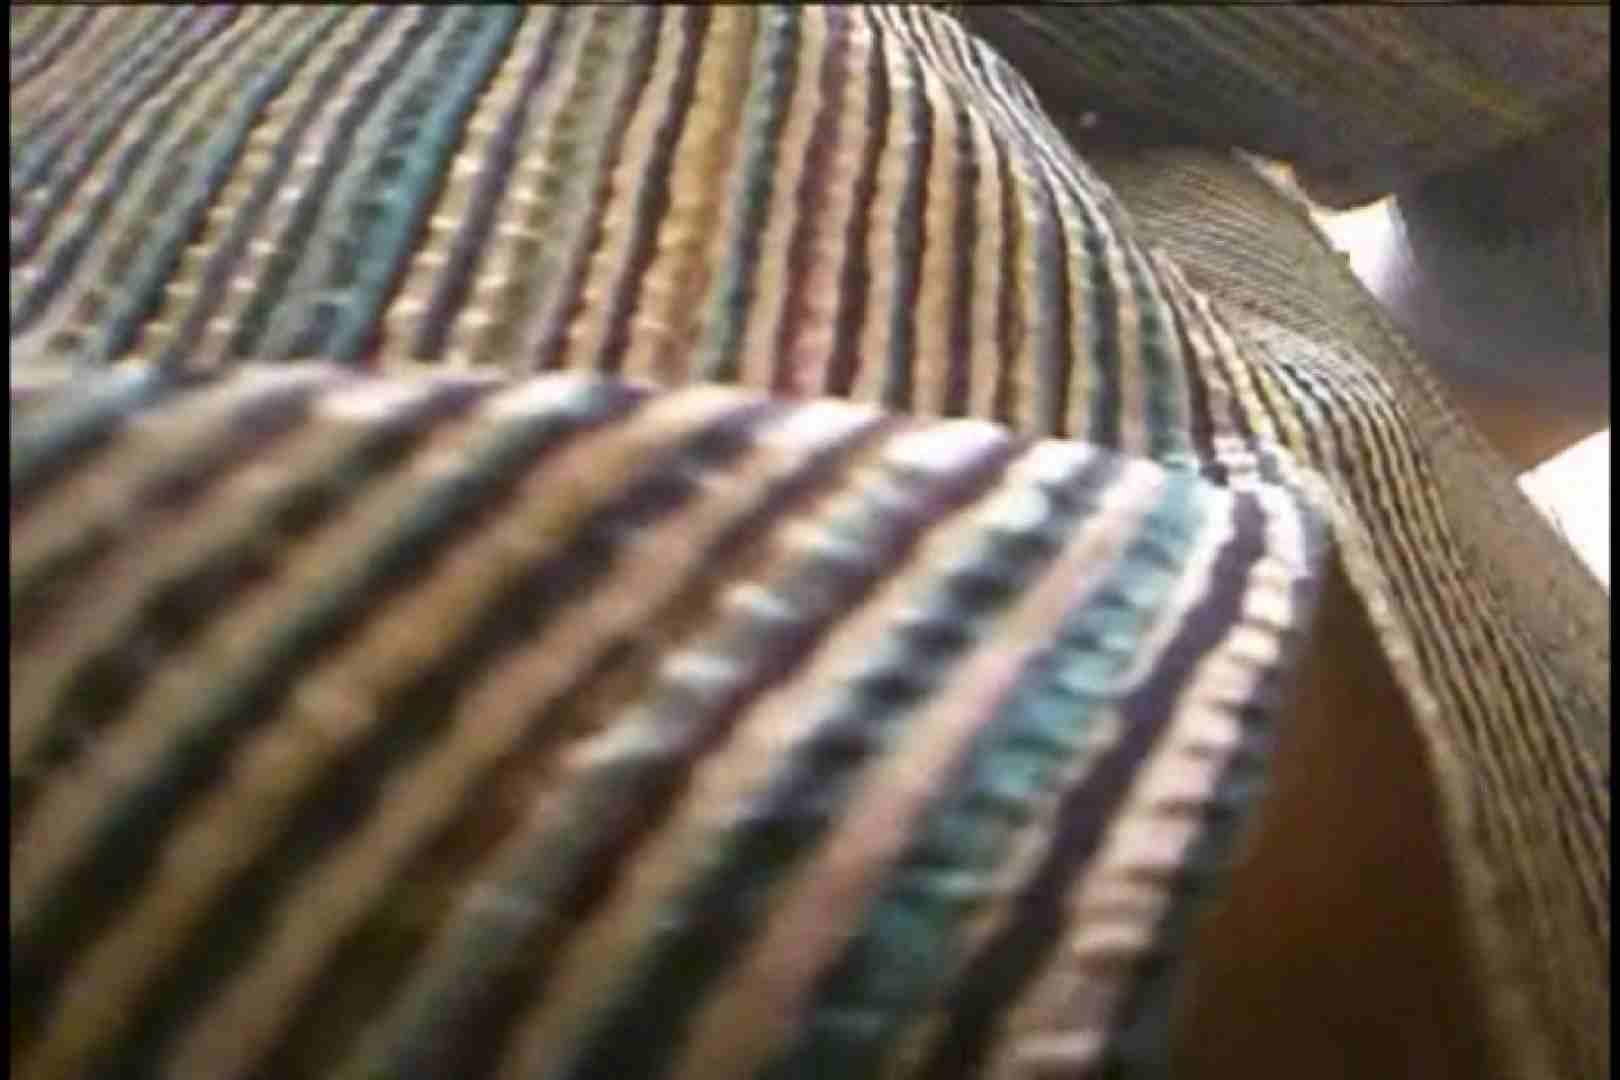 潜入!!女子化粧室盗撮~絶対見られたくない時間~vo,130 熟女のエロ動画 ヌード画像 100PIX 32